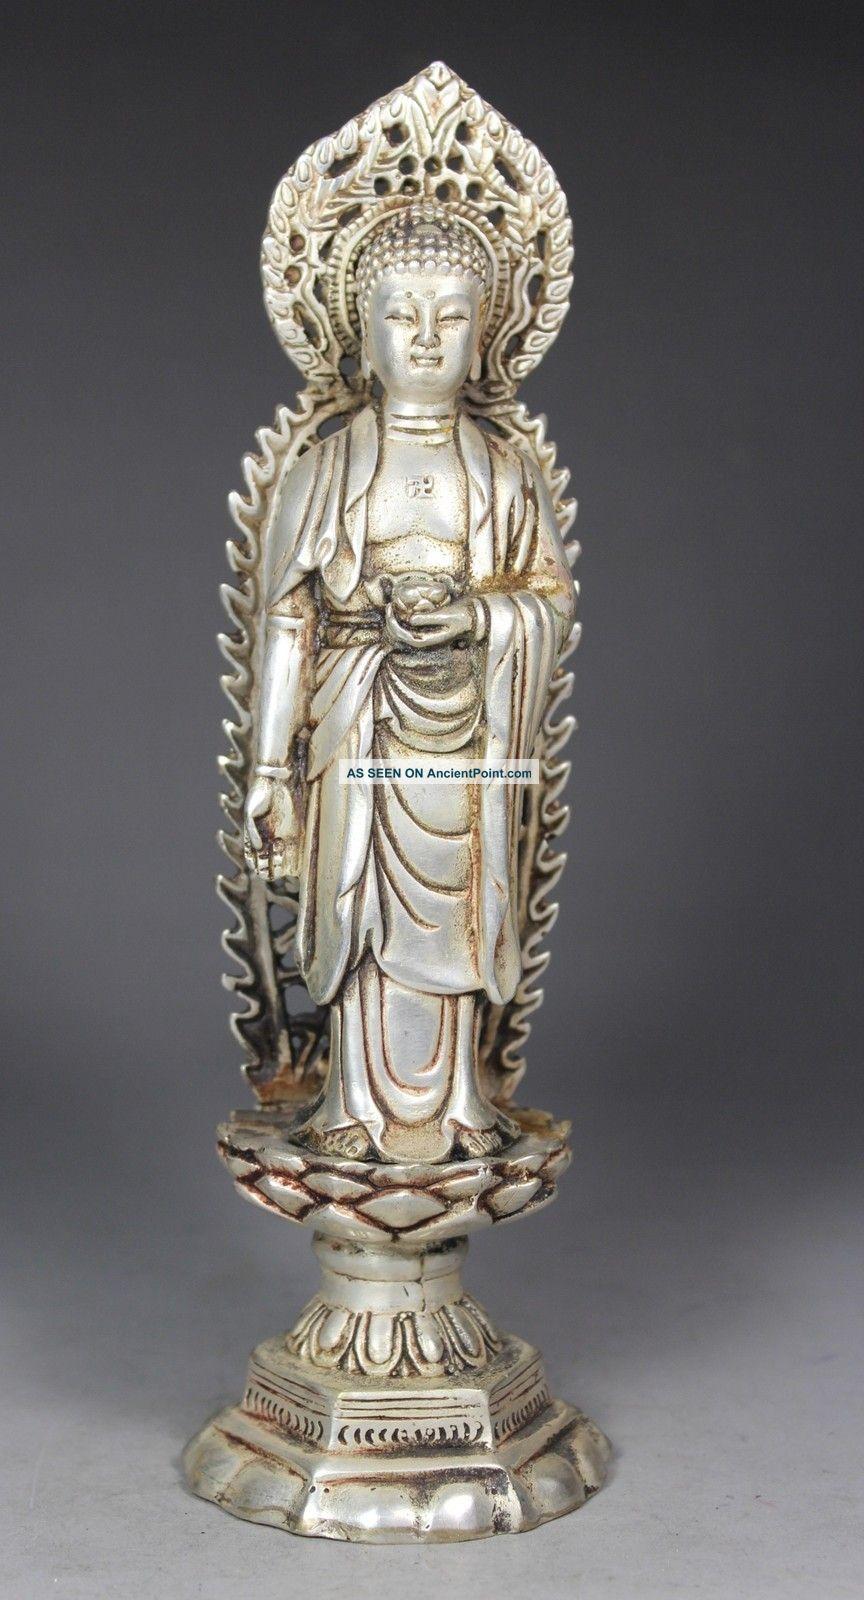 Chinese Old White Copper Wonderful Handwork Hammered Buddha Statue Buddha photo